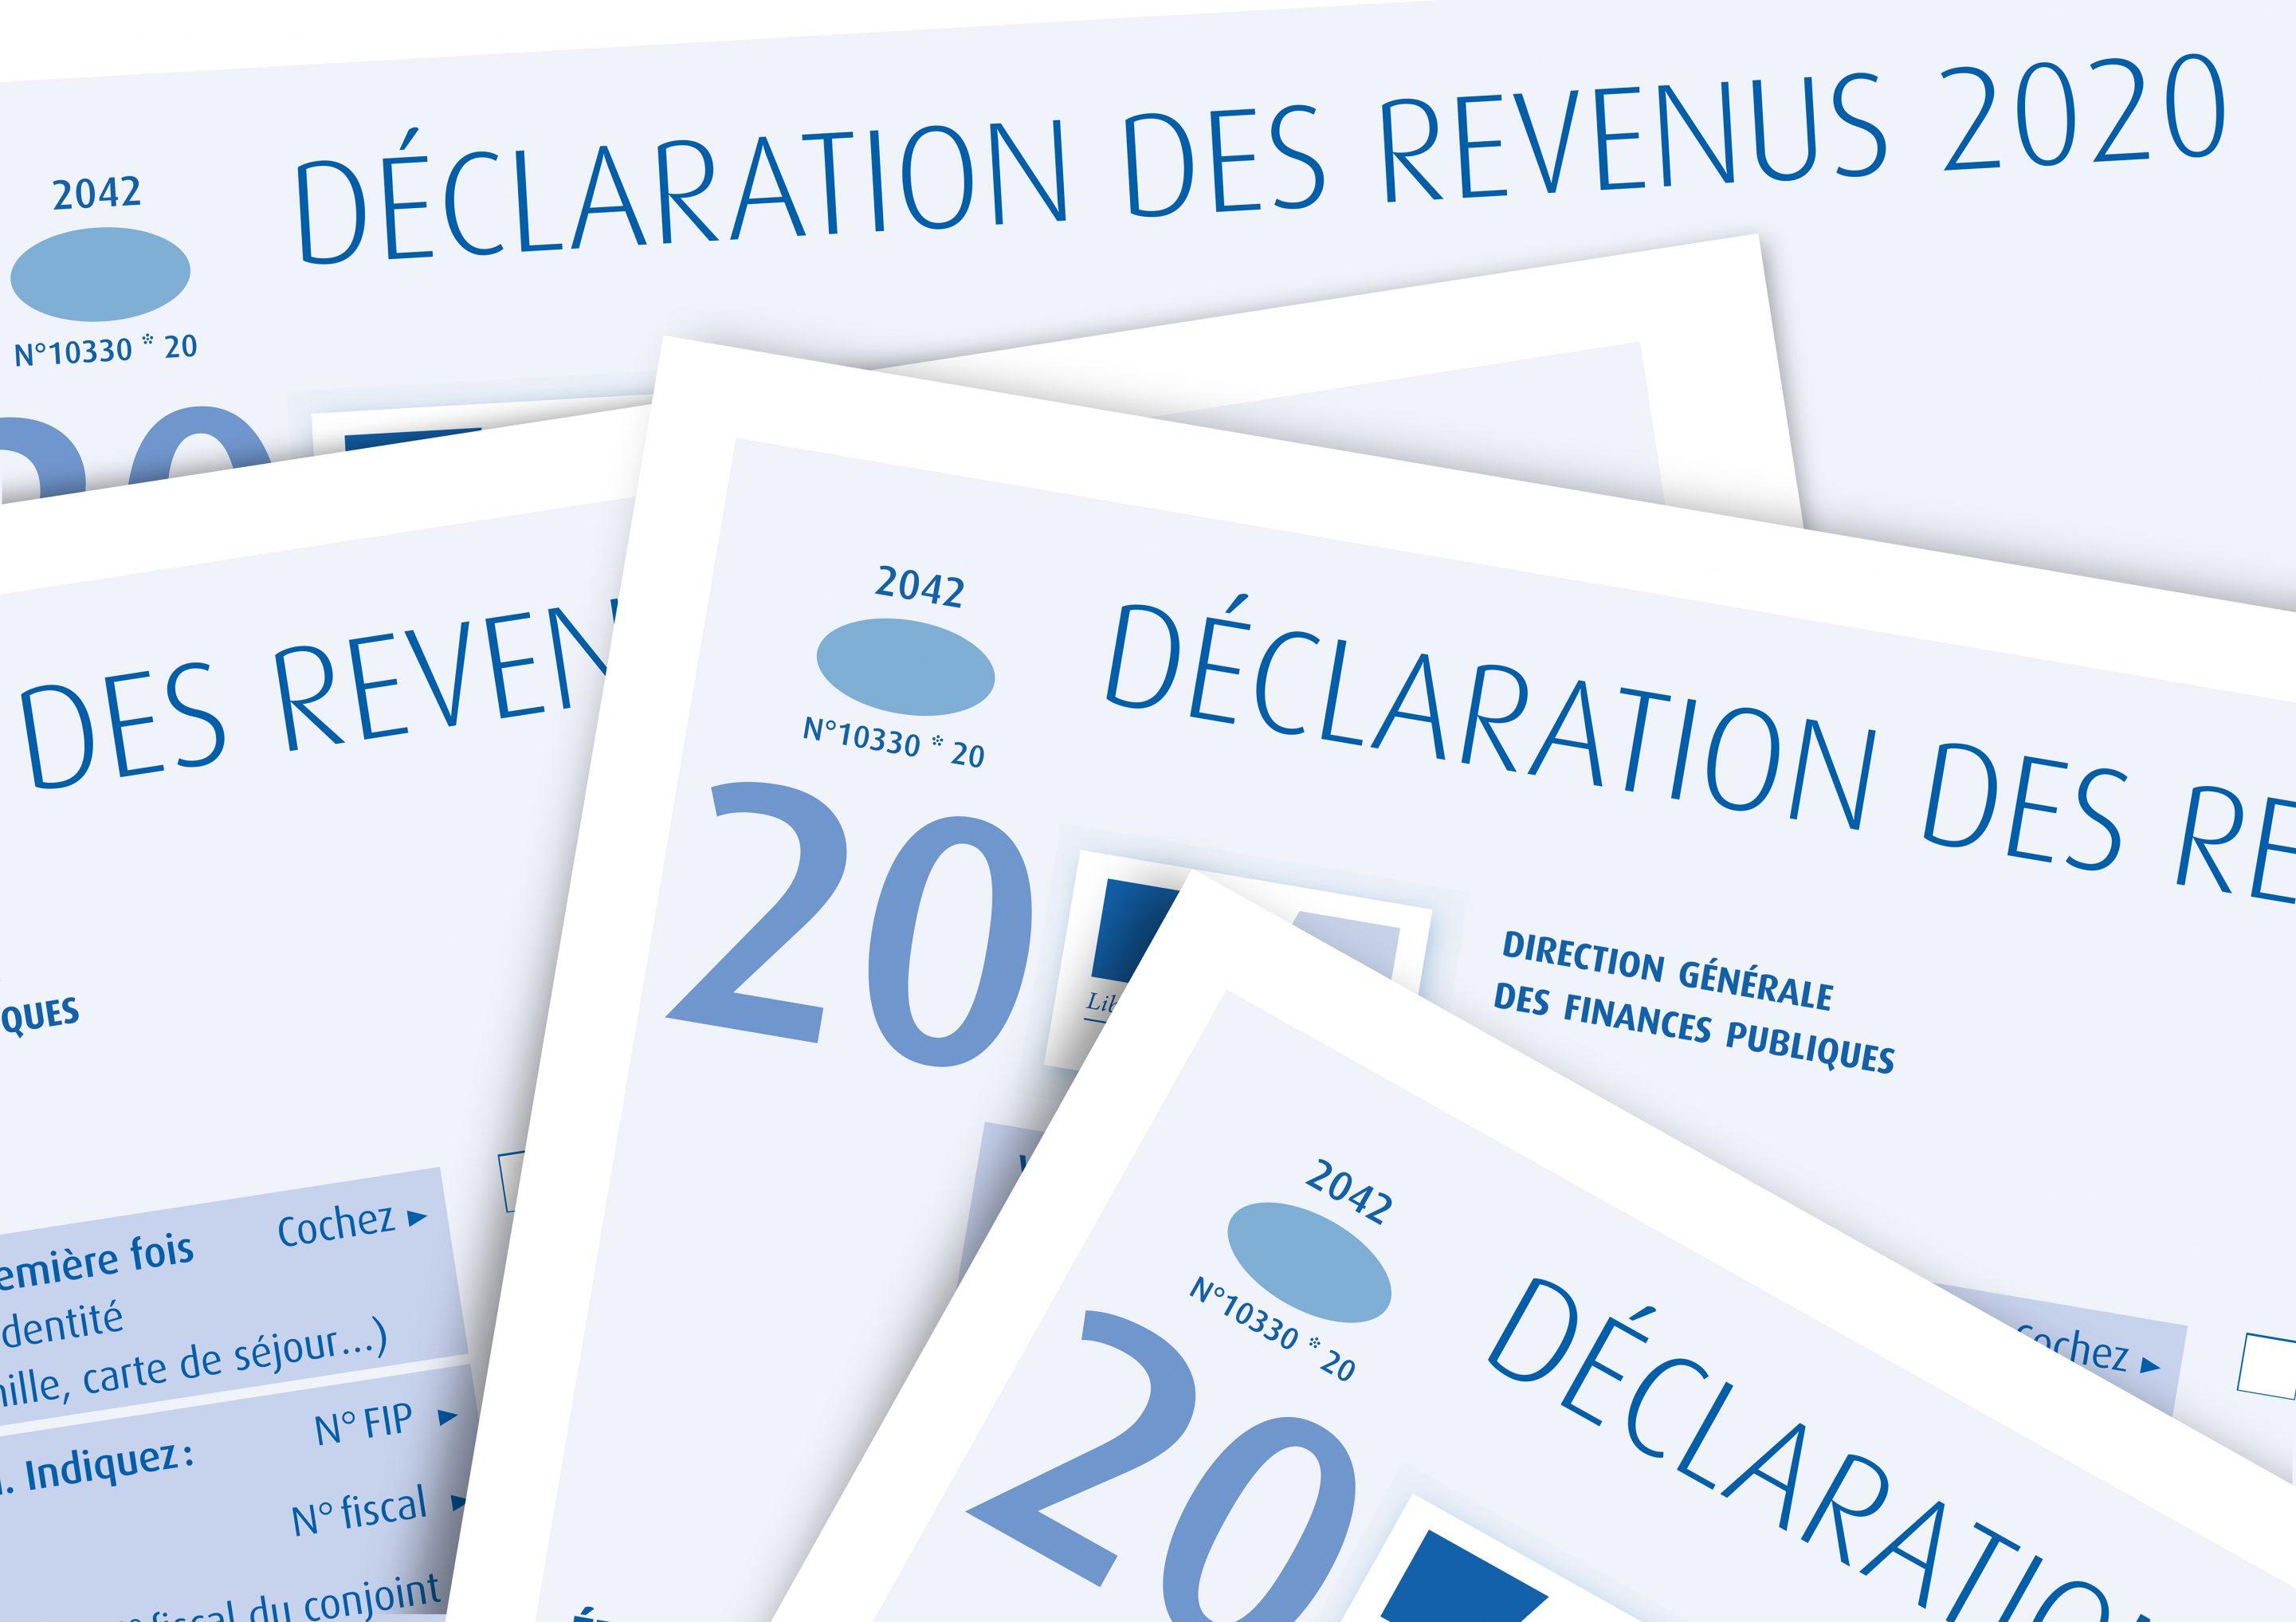 Déclaration IRPP sur les revenus 2020